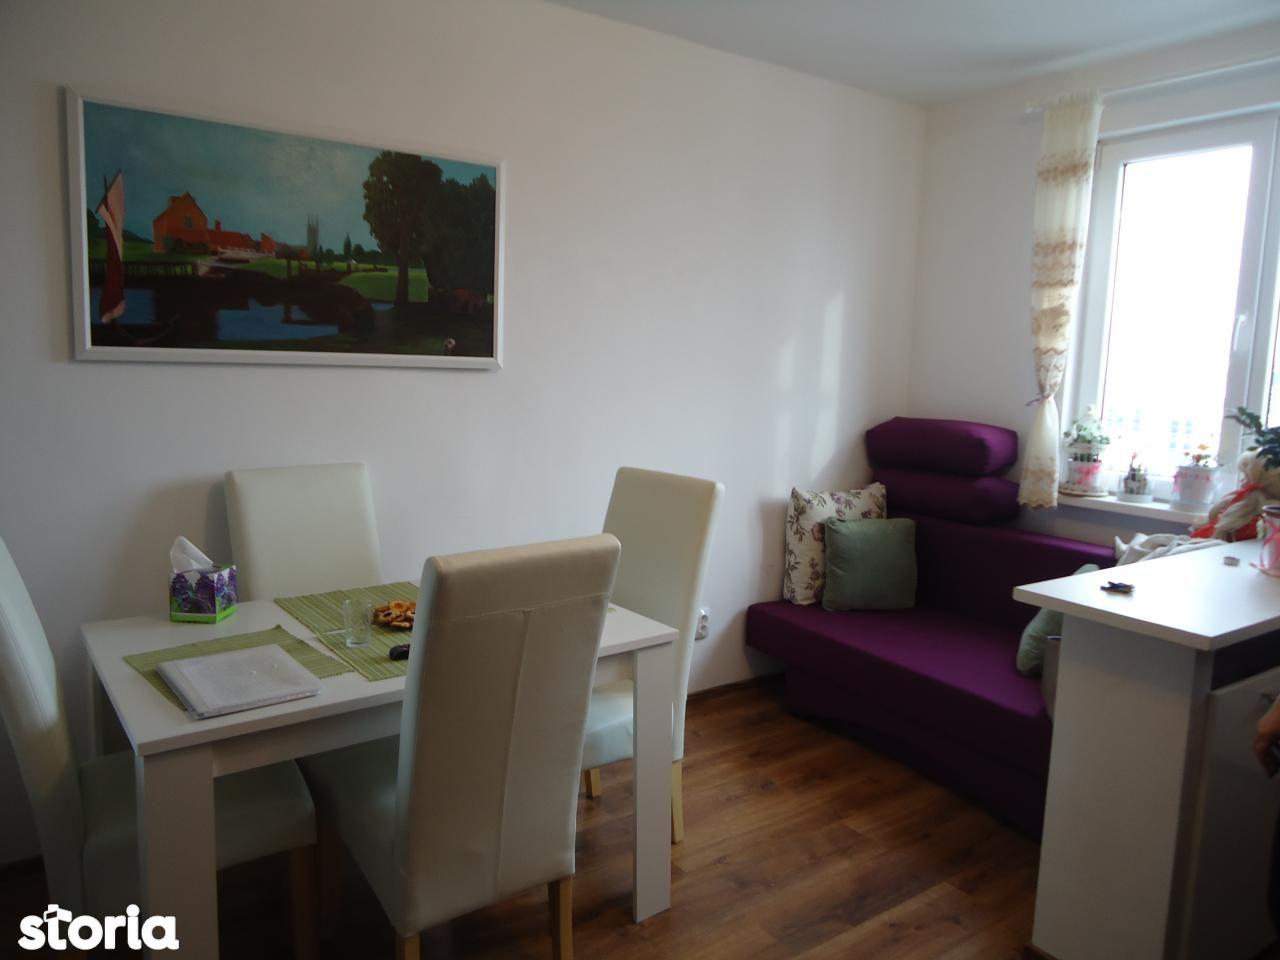 Apartament de vanzare, Cluj-Napoca, Cluj, Dambul Rotund - Foto 1